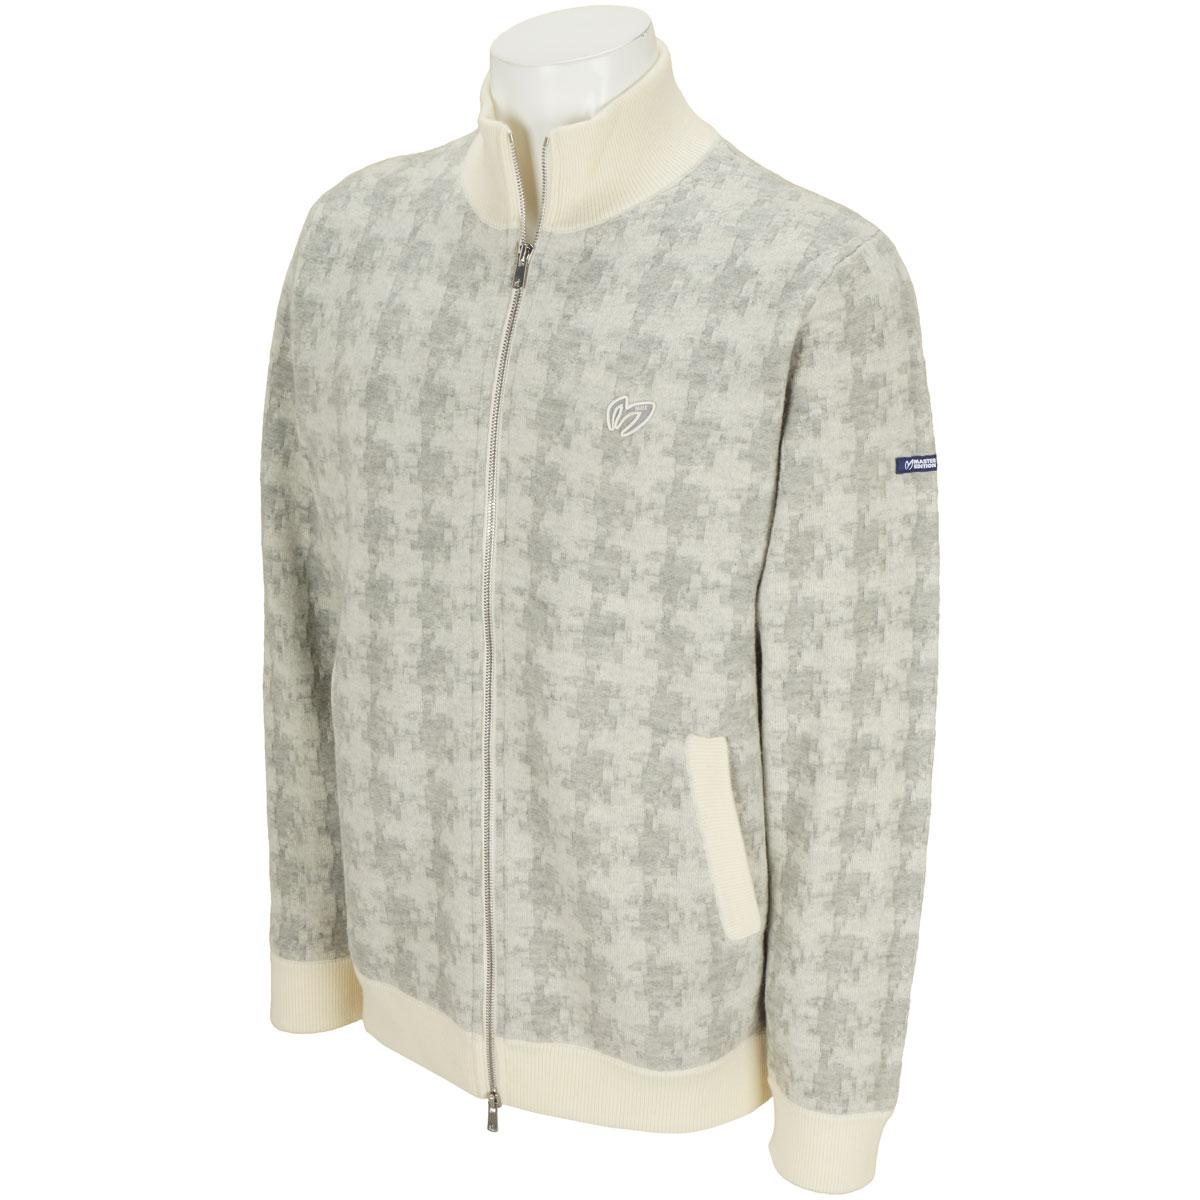 圧縮千鳥セーター